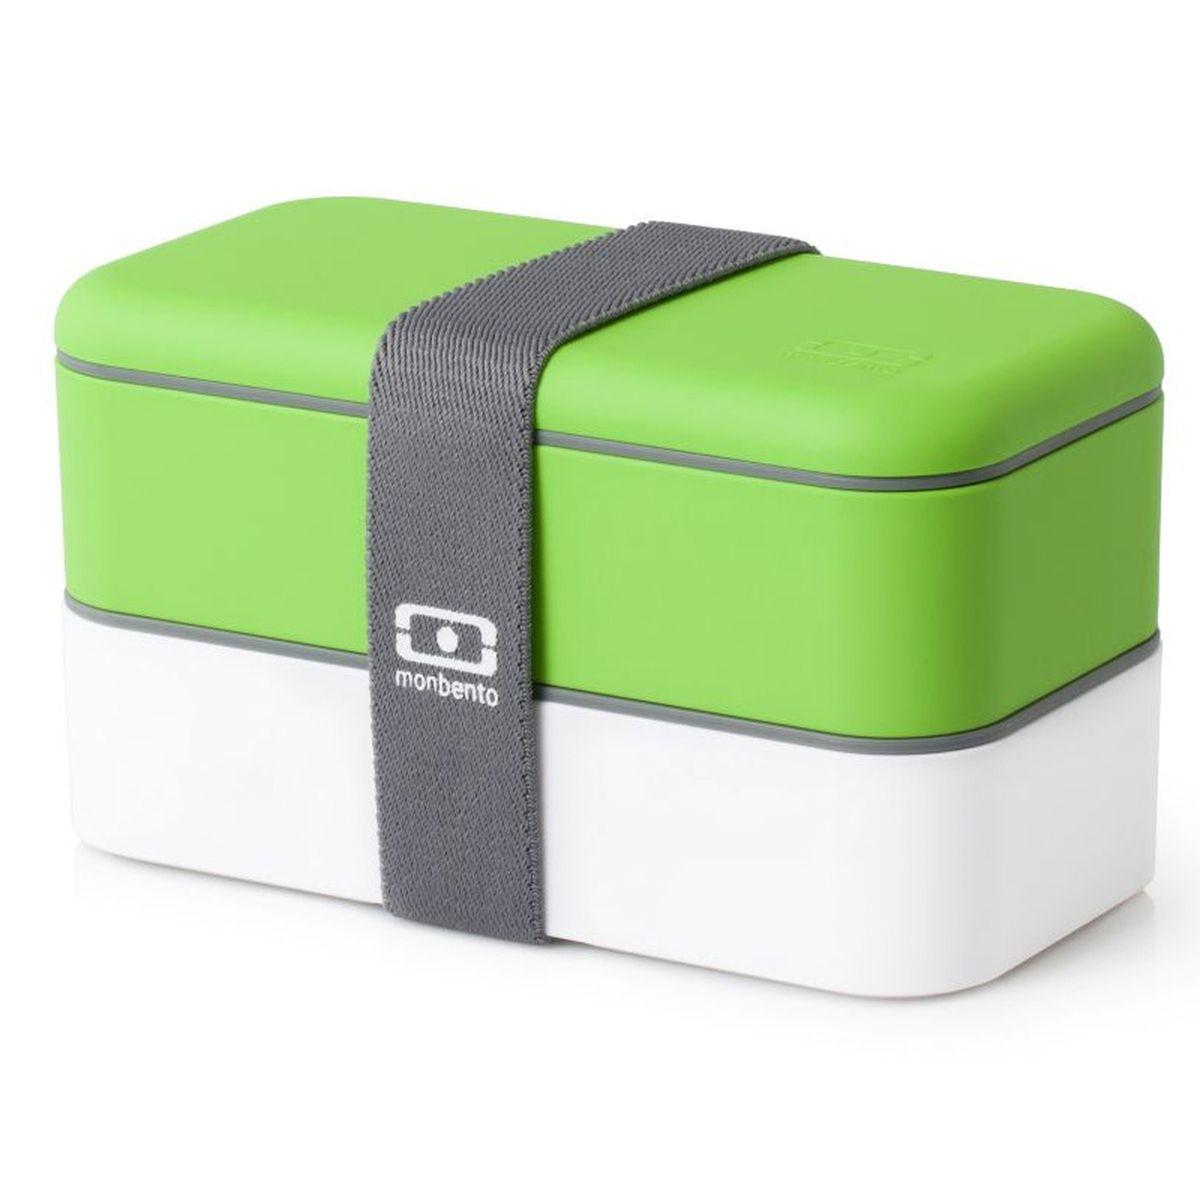 Ланч-бокс Monbento Original, цвет: зеленый, белый, 1 л1200 02 105Ланчбокс Monbento Original изготовлен из высококачественного пищевого пластика с приятным на ощупь прорезиненным покрытием soft-touch. Предназначен для хранения и переноски пищевых продуктов. Ланчбокс представляет собой два прямоугольных контейнера, в которых удобно хранить различные блюда. В комплекте также предусмотрена емкость для соуса, которая удобно помещается в одном из контейнеров. Контейнеры вакуумные, что позволяет продуктам дольше оставаться свежими и вкусными. Боксы дополнительно фиксируются друг над другом эластичным ремешком. Компактные размеры позволят хранить ланчбокс в любой сумке. Его удобно взять с собой на работу, отдых, в поездку. Теперь любимая домашняя еда всегда будет под рукой, а яркий дизайн поднимет настроение и подарит заряд позитива. Можно использовать в микроволновой печи и для хранения пищи в холодильнике, можно мыть в посудомоечной машине. В крышке каждого контейнера - специальная пробка, которую надо вытащить, если вы разогреваете...